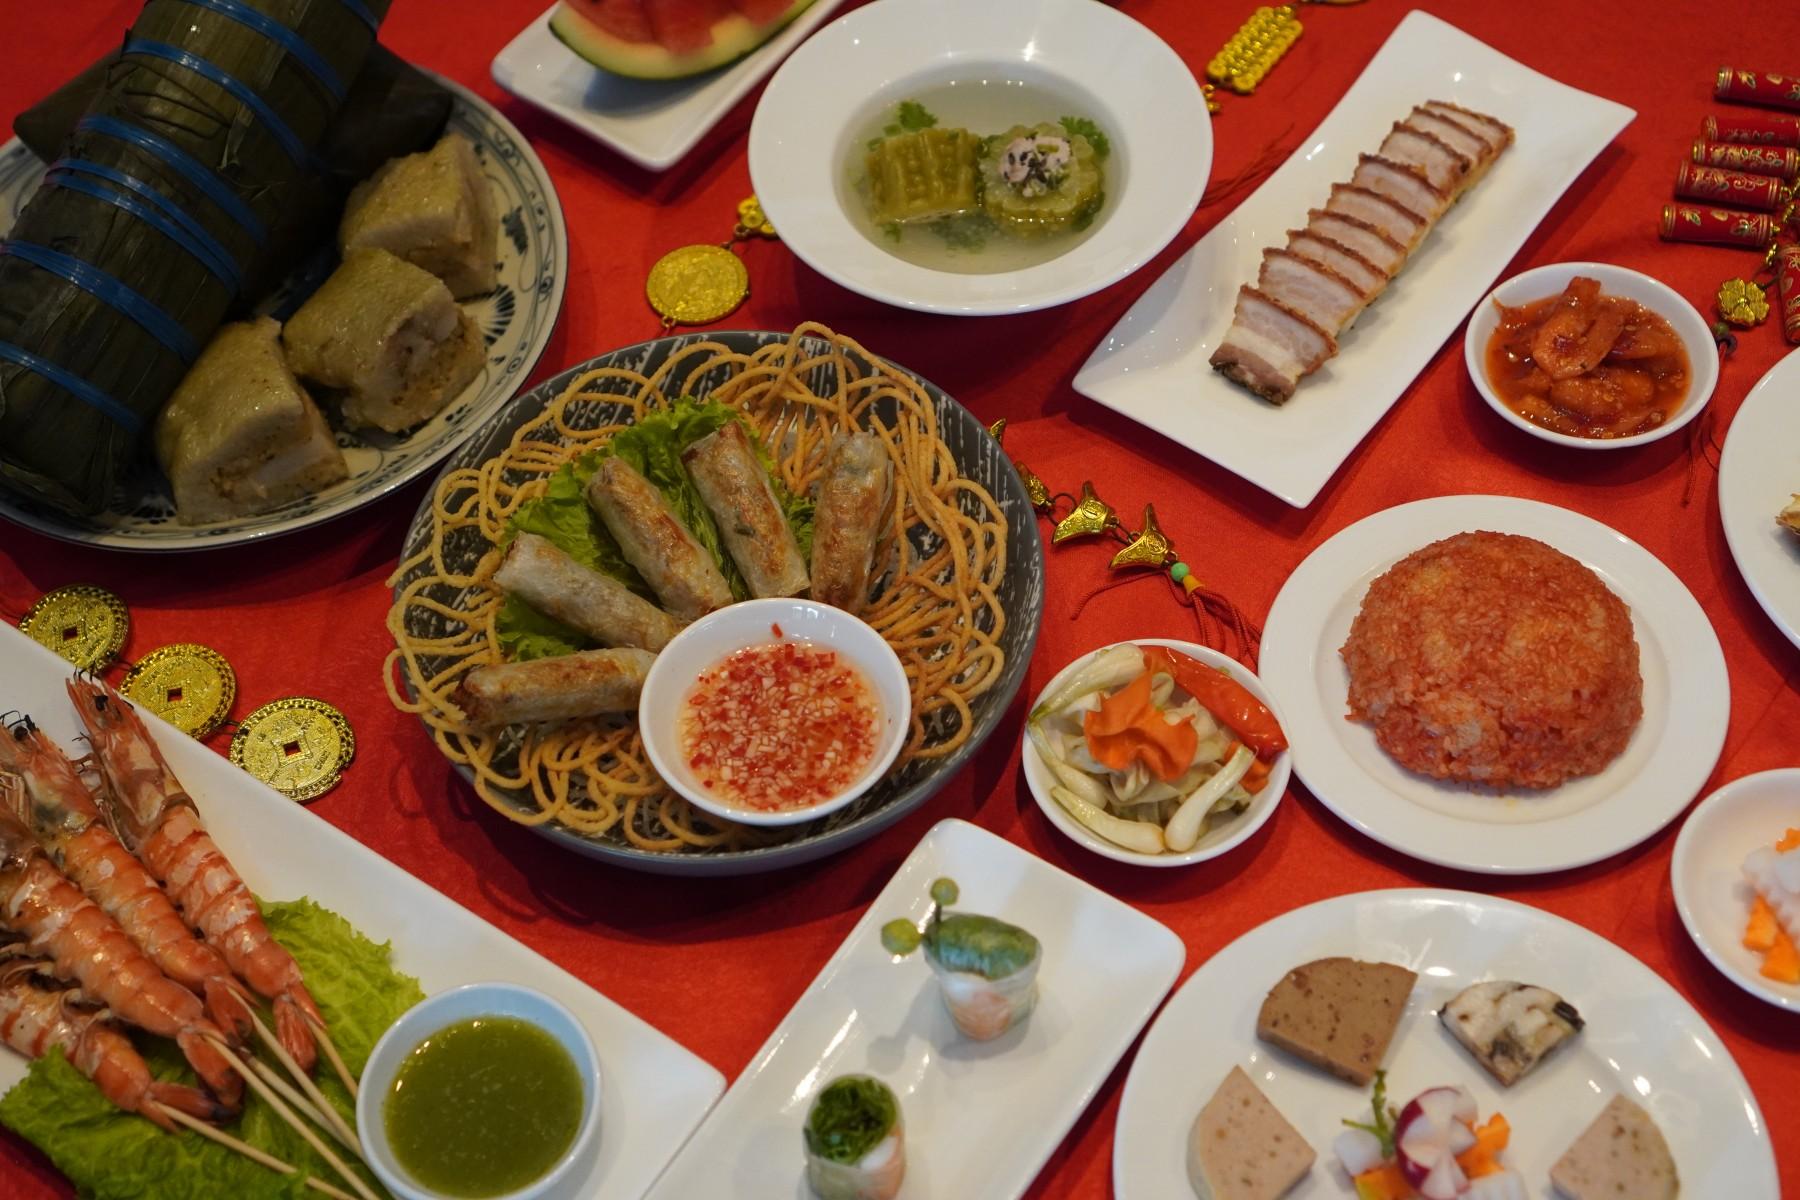 thuong-thuc-thuc-don-ngay-tet-savour-our-tet-set-menus-banh-chung-banh-tet-tom-nuong-xoi-gac-dua-mon-canh-kho-qua-nhoi-thit-dua-hau-do-ba-chi-gion-da-cha-gio-thit-dong-restaurant-epice-dn-restaurant-2